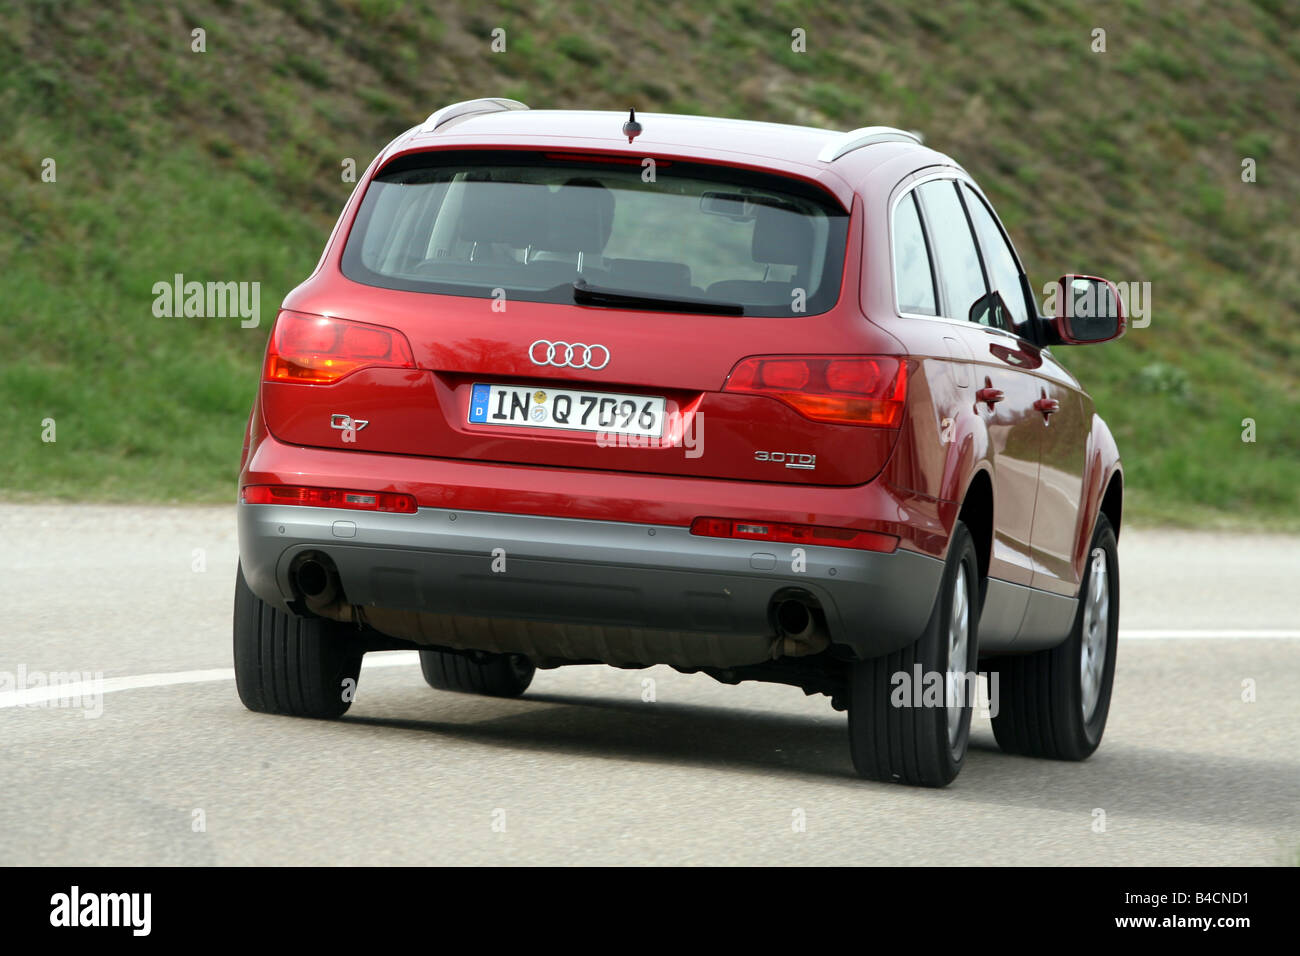 Kekurangan Audi Q7 3.0 Tdi Harga